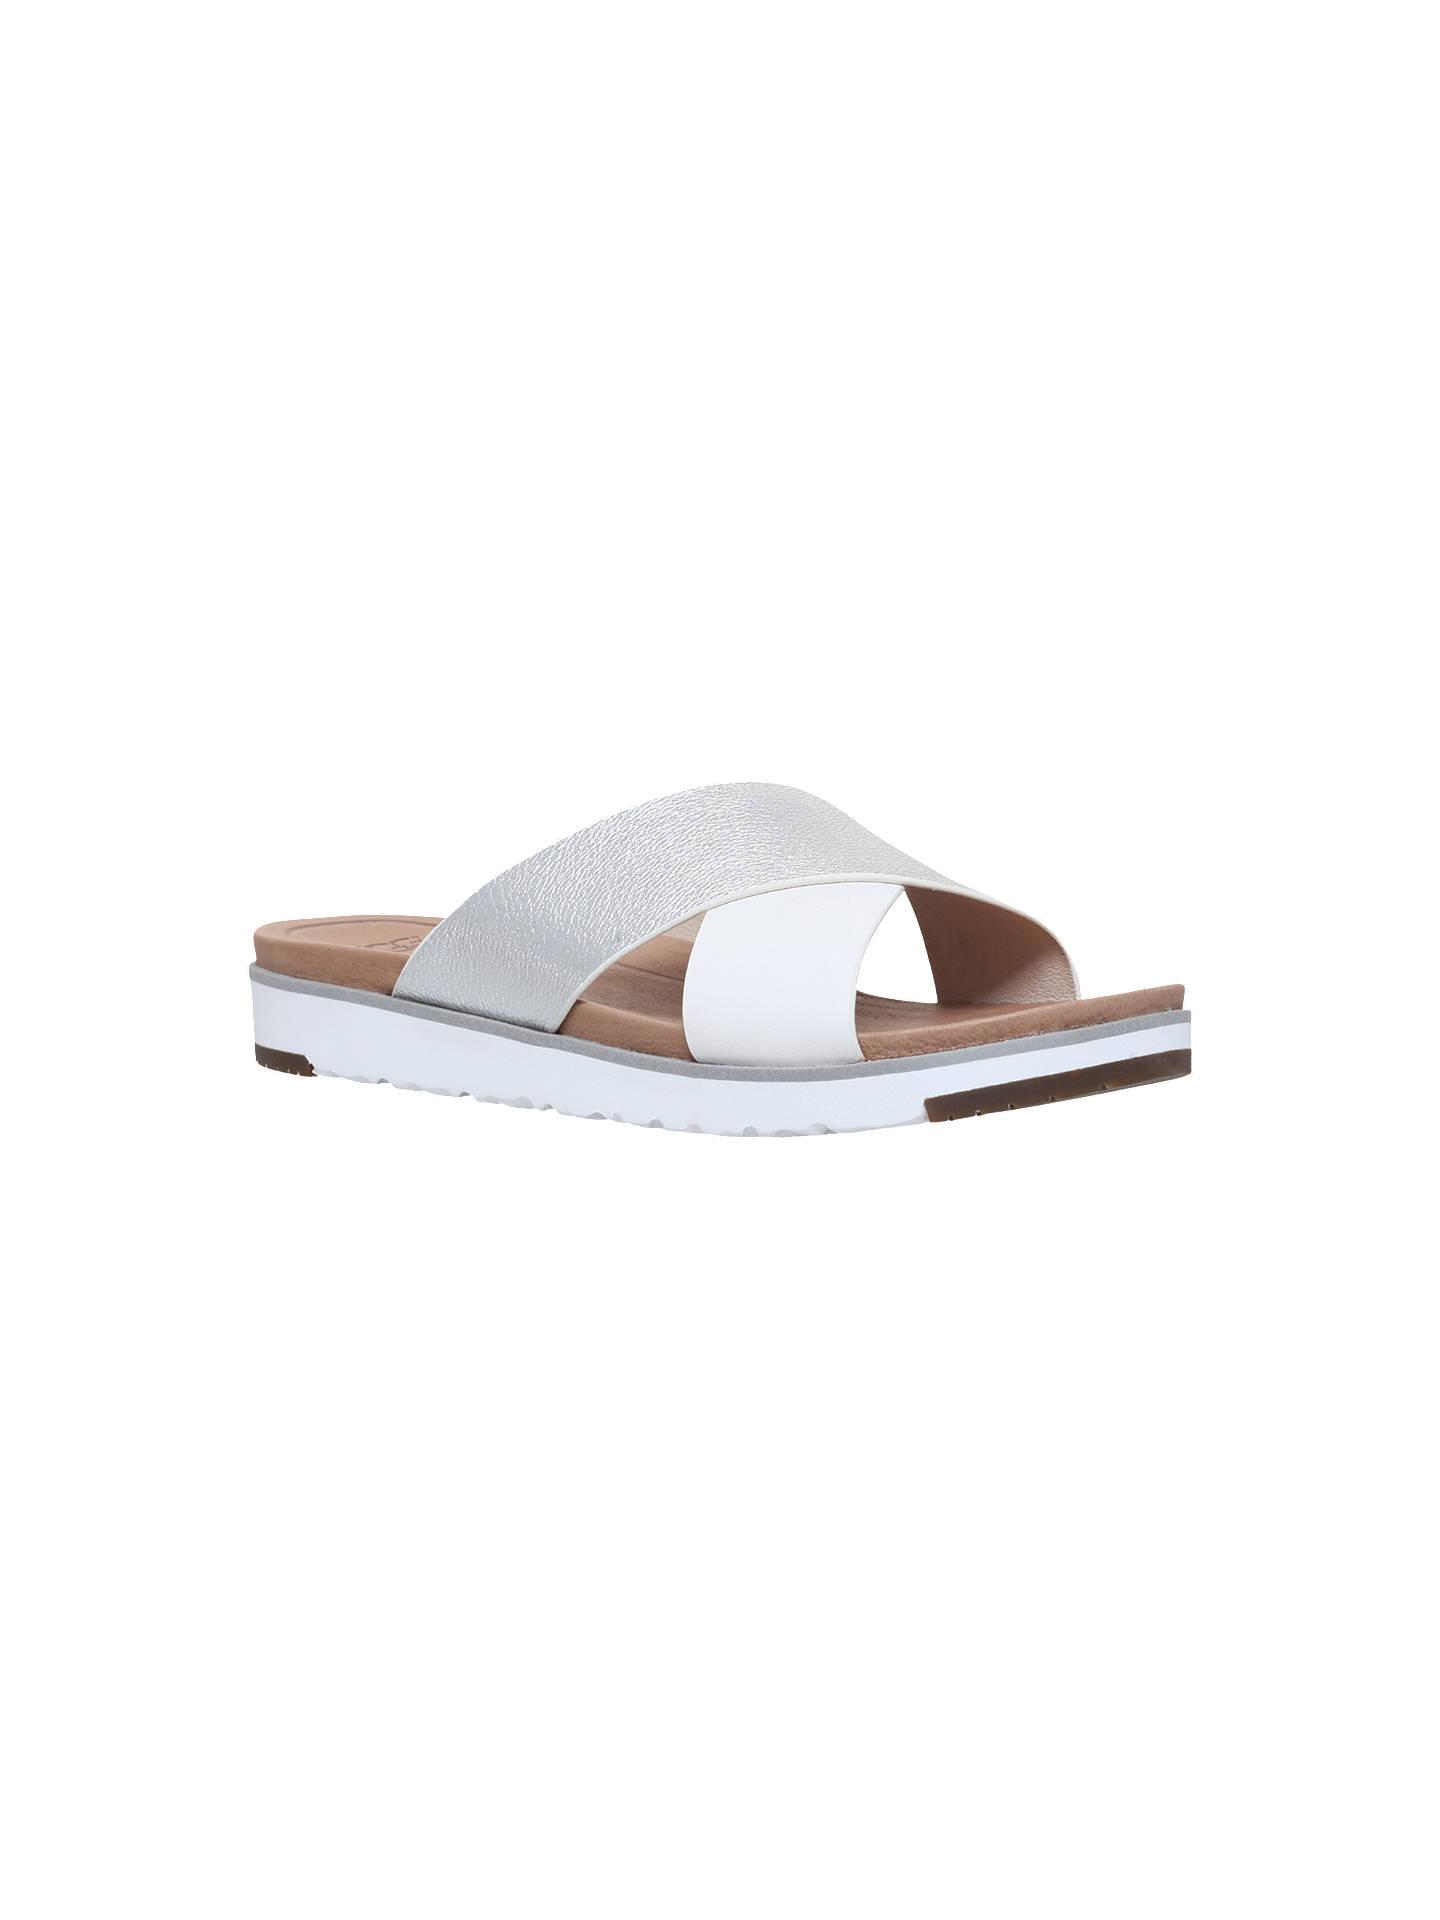 1e2091e3ea9 UGG Kari Cross Strap Sandals at John Lewis & Partners